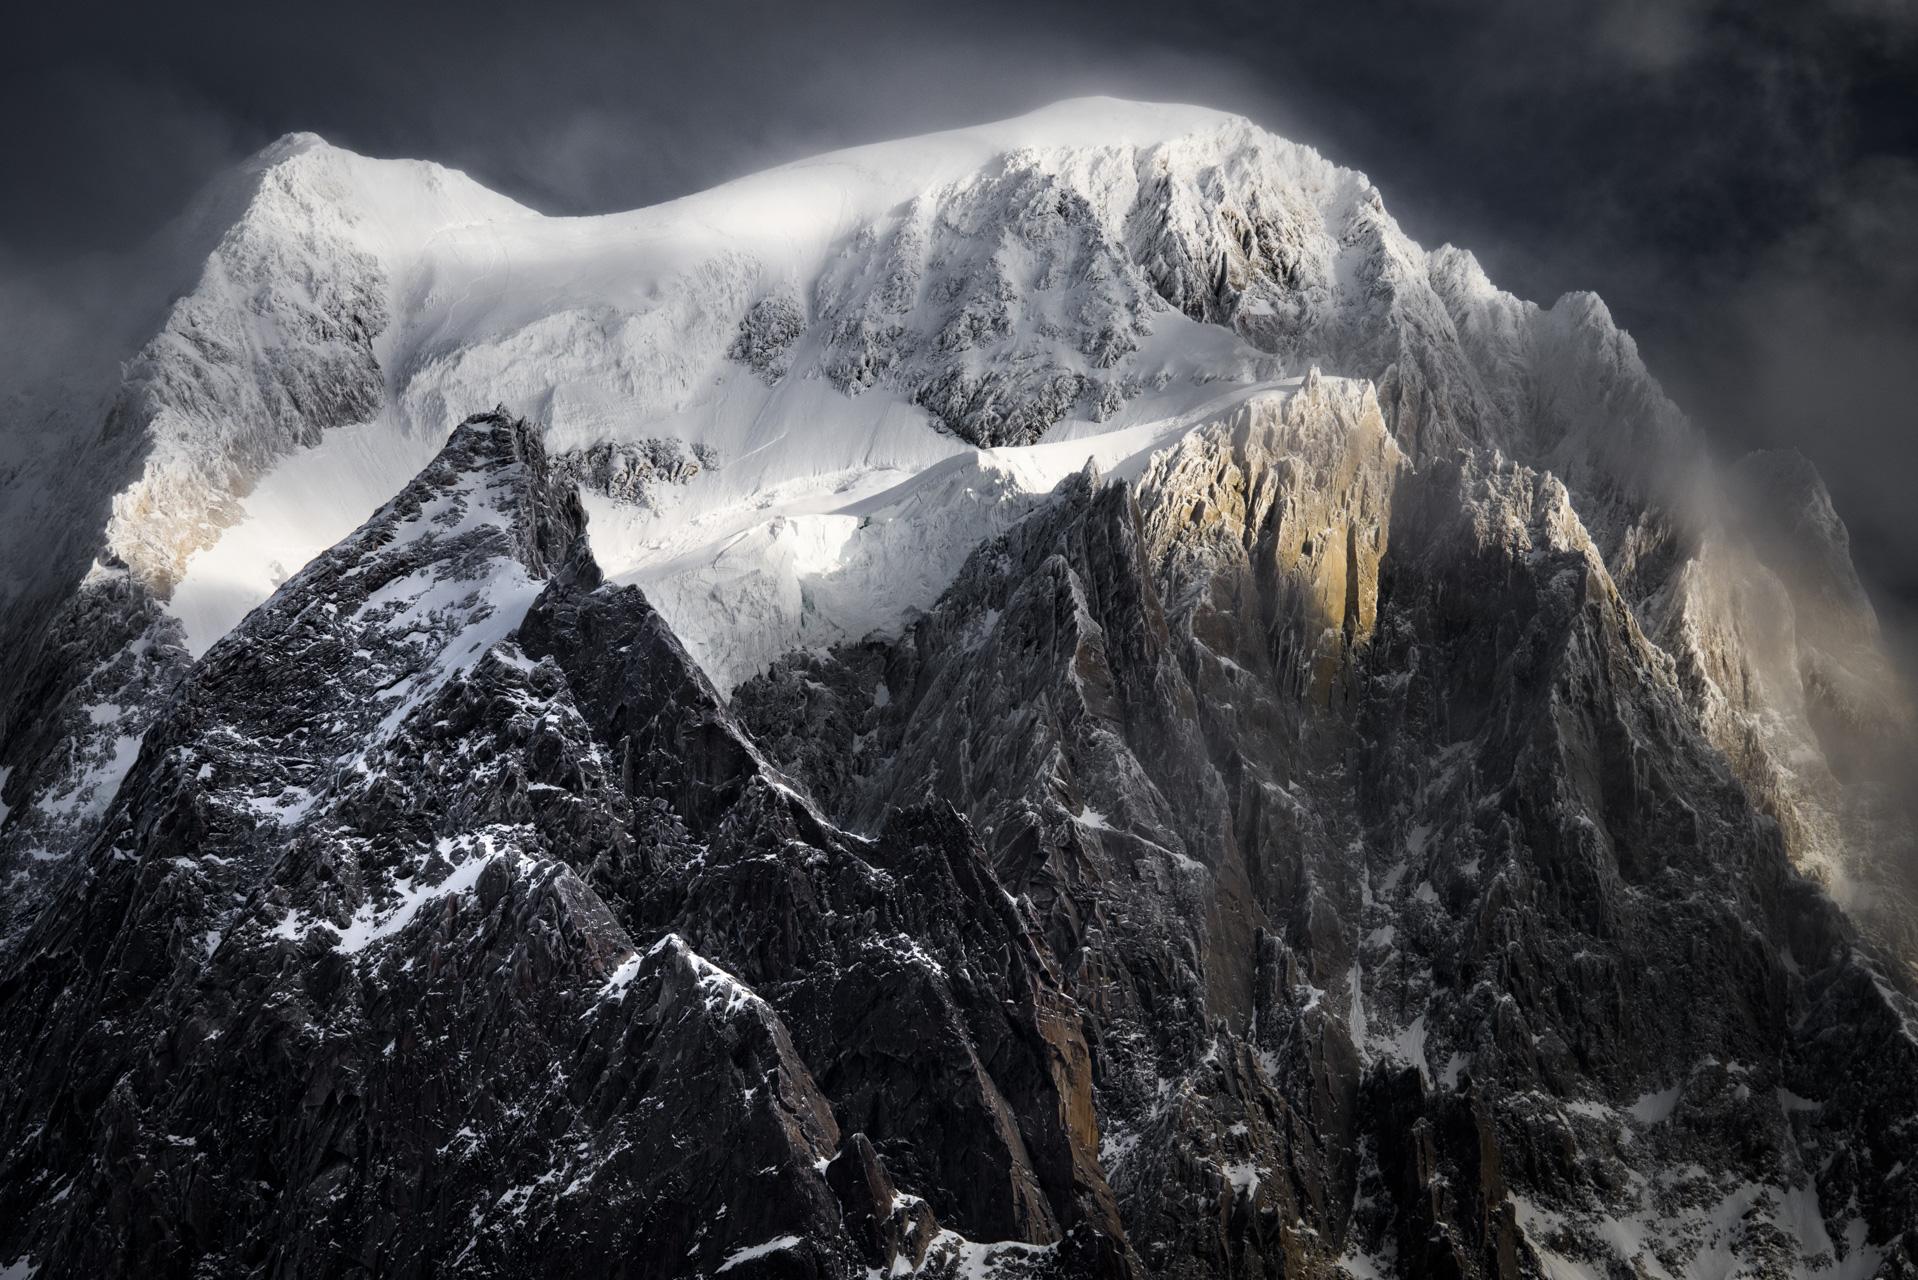 Massifs du Mont Blanc - Photo de neige en montagne